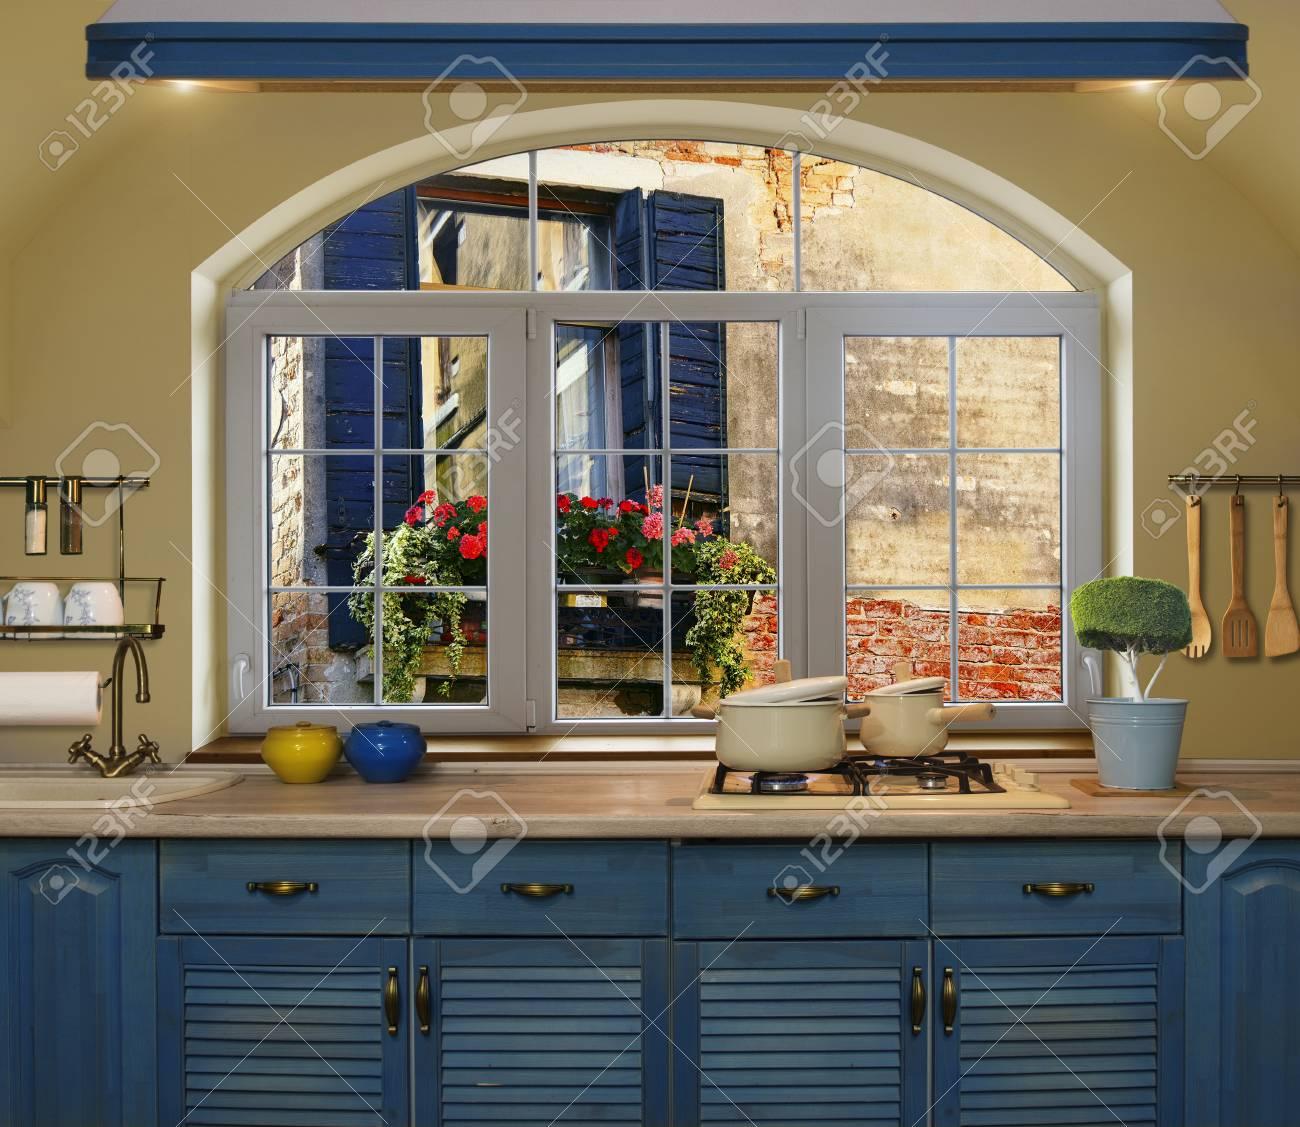 Innen Blau Kuche Vorbereiten Des Mittagessens Zu Hause Auf Dem